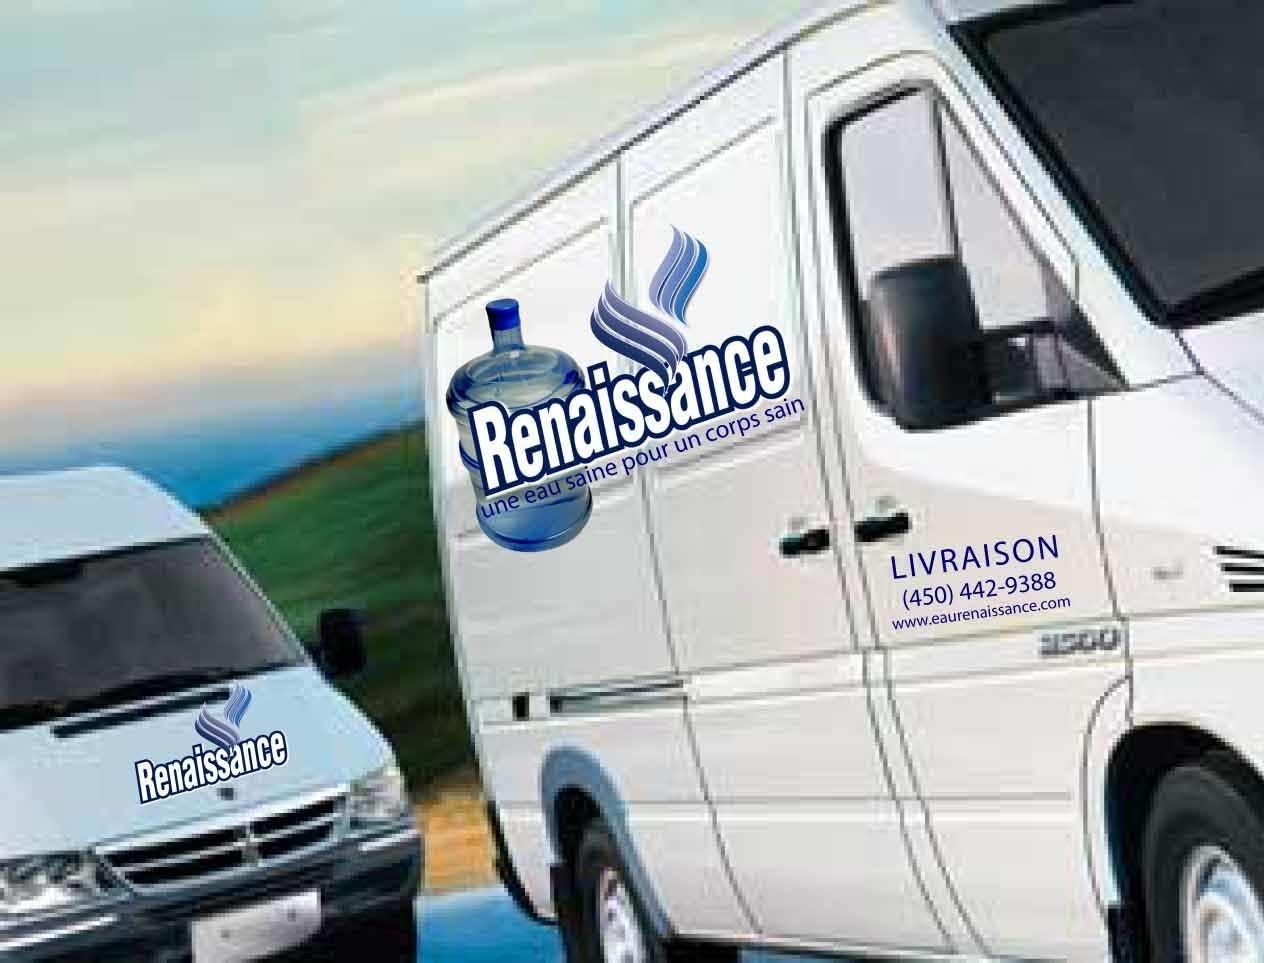 Eau Renaissance à Longueuil: Renaissance Water delivery truck